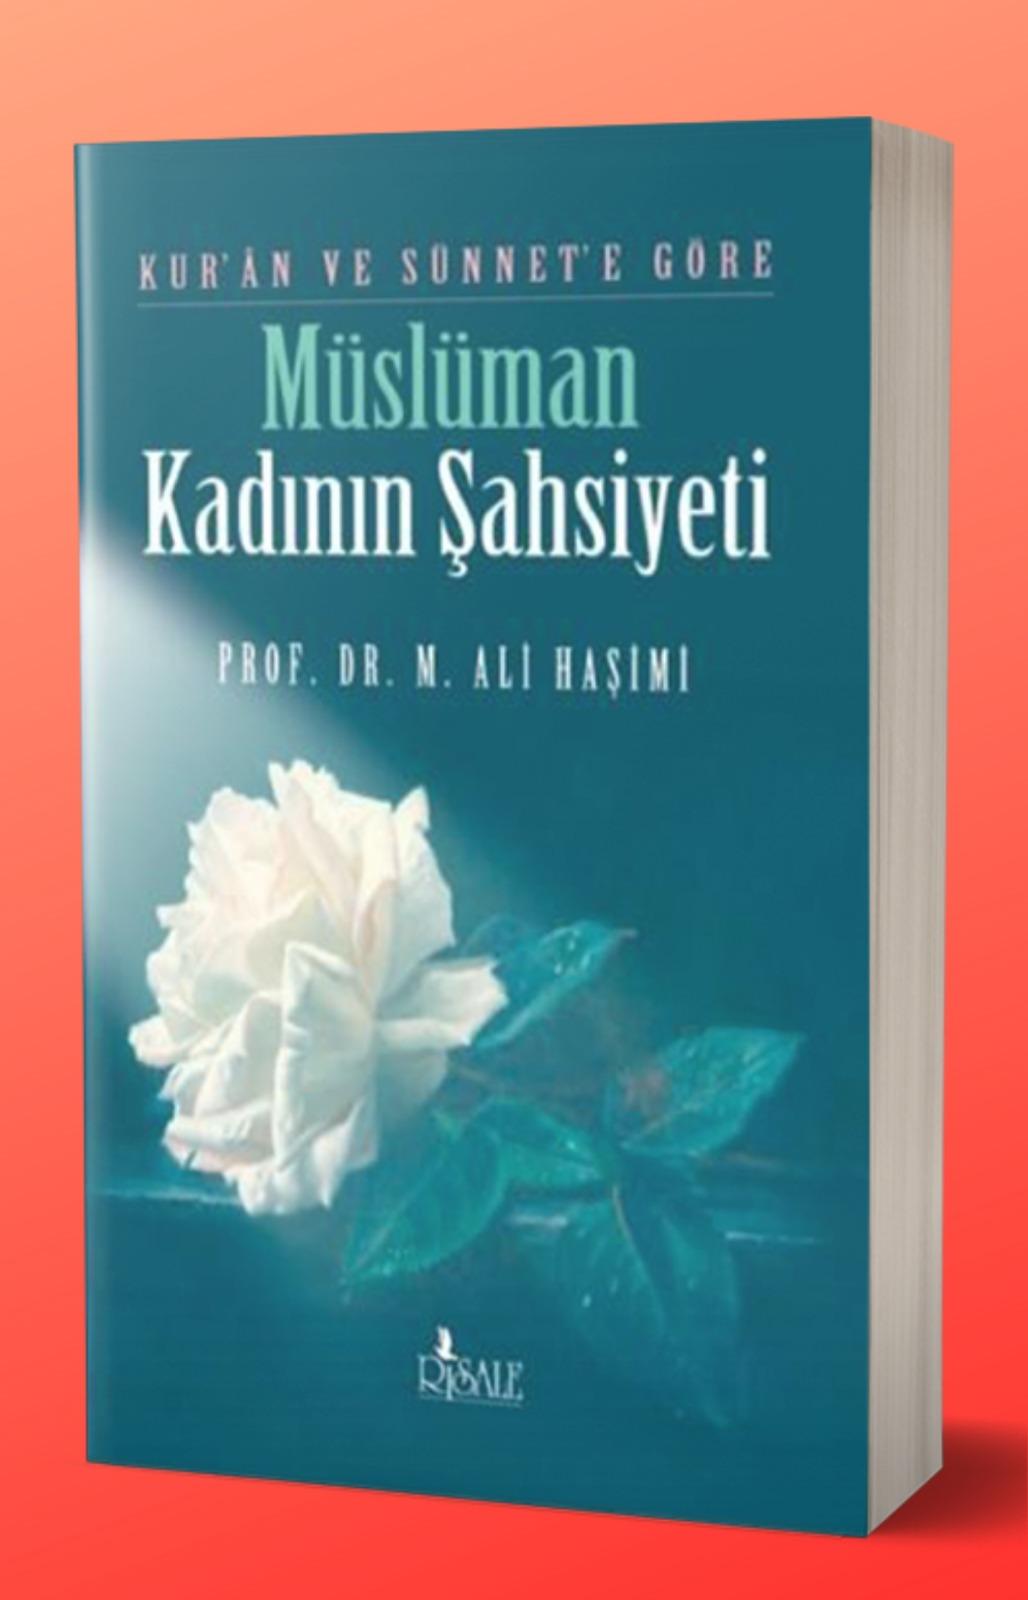 Kur'an ve Sünnet'e Göre Müslüman Kadının  Şahsiyeti